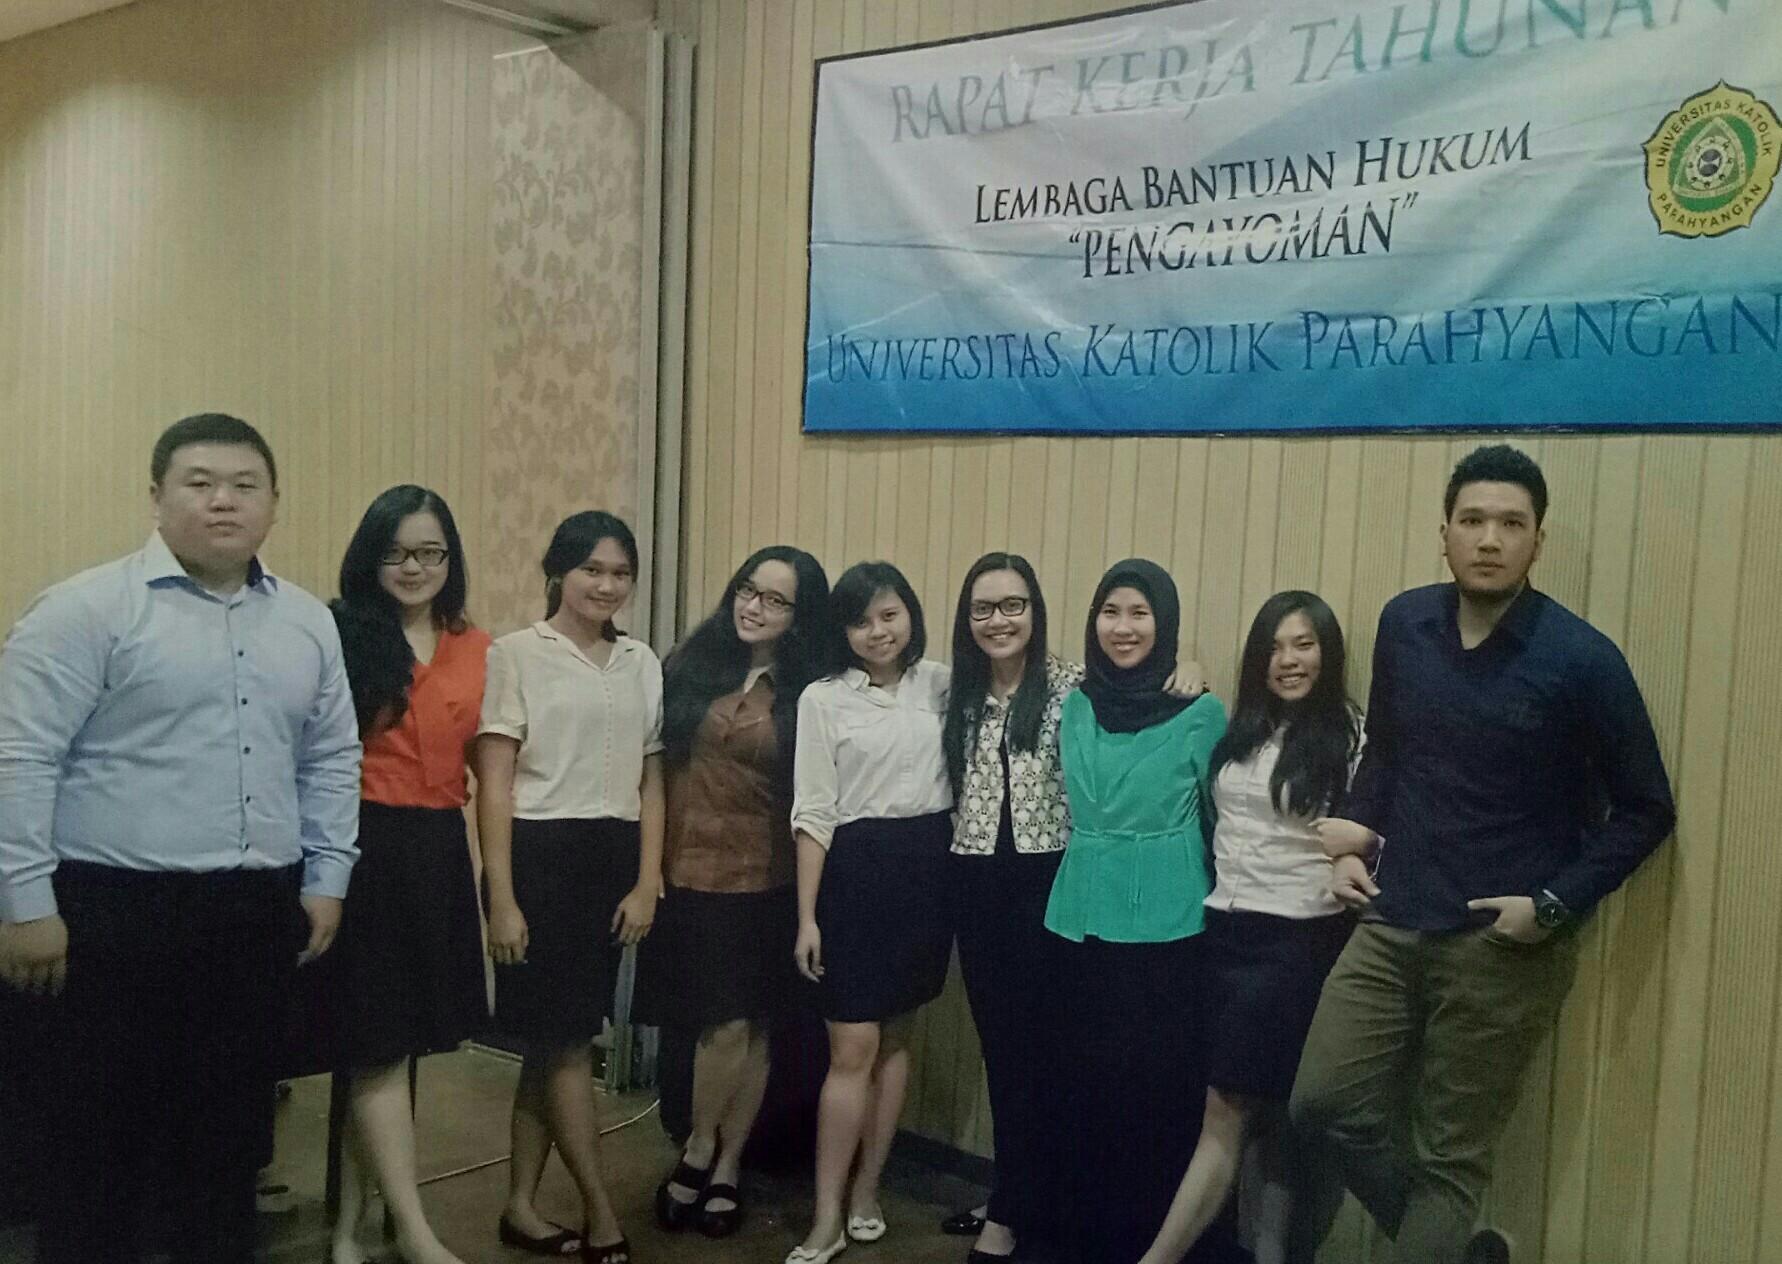 Rapat Kerja 2016